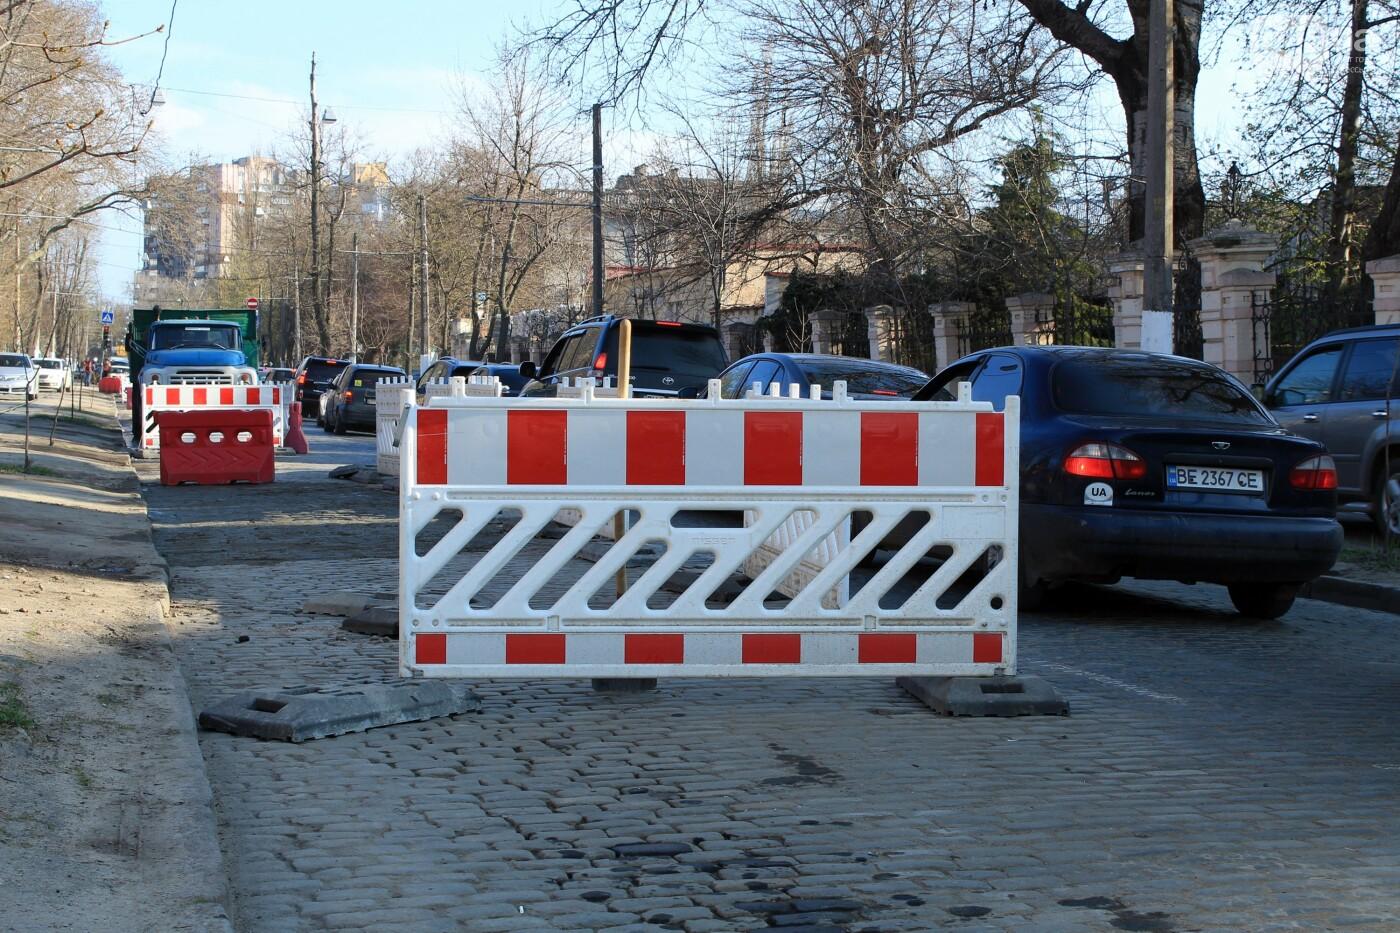 На Французском бульваре перестилают брусчатку: автомобили едут по рельсам, - ФОТО, ВИДЕО , фото-1